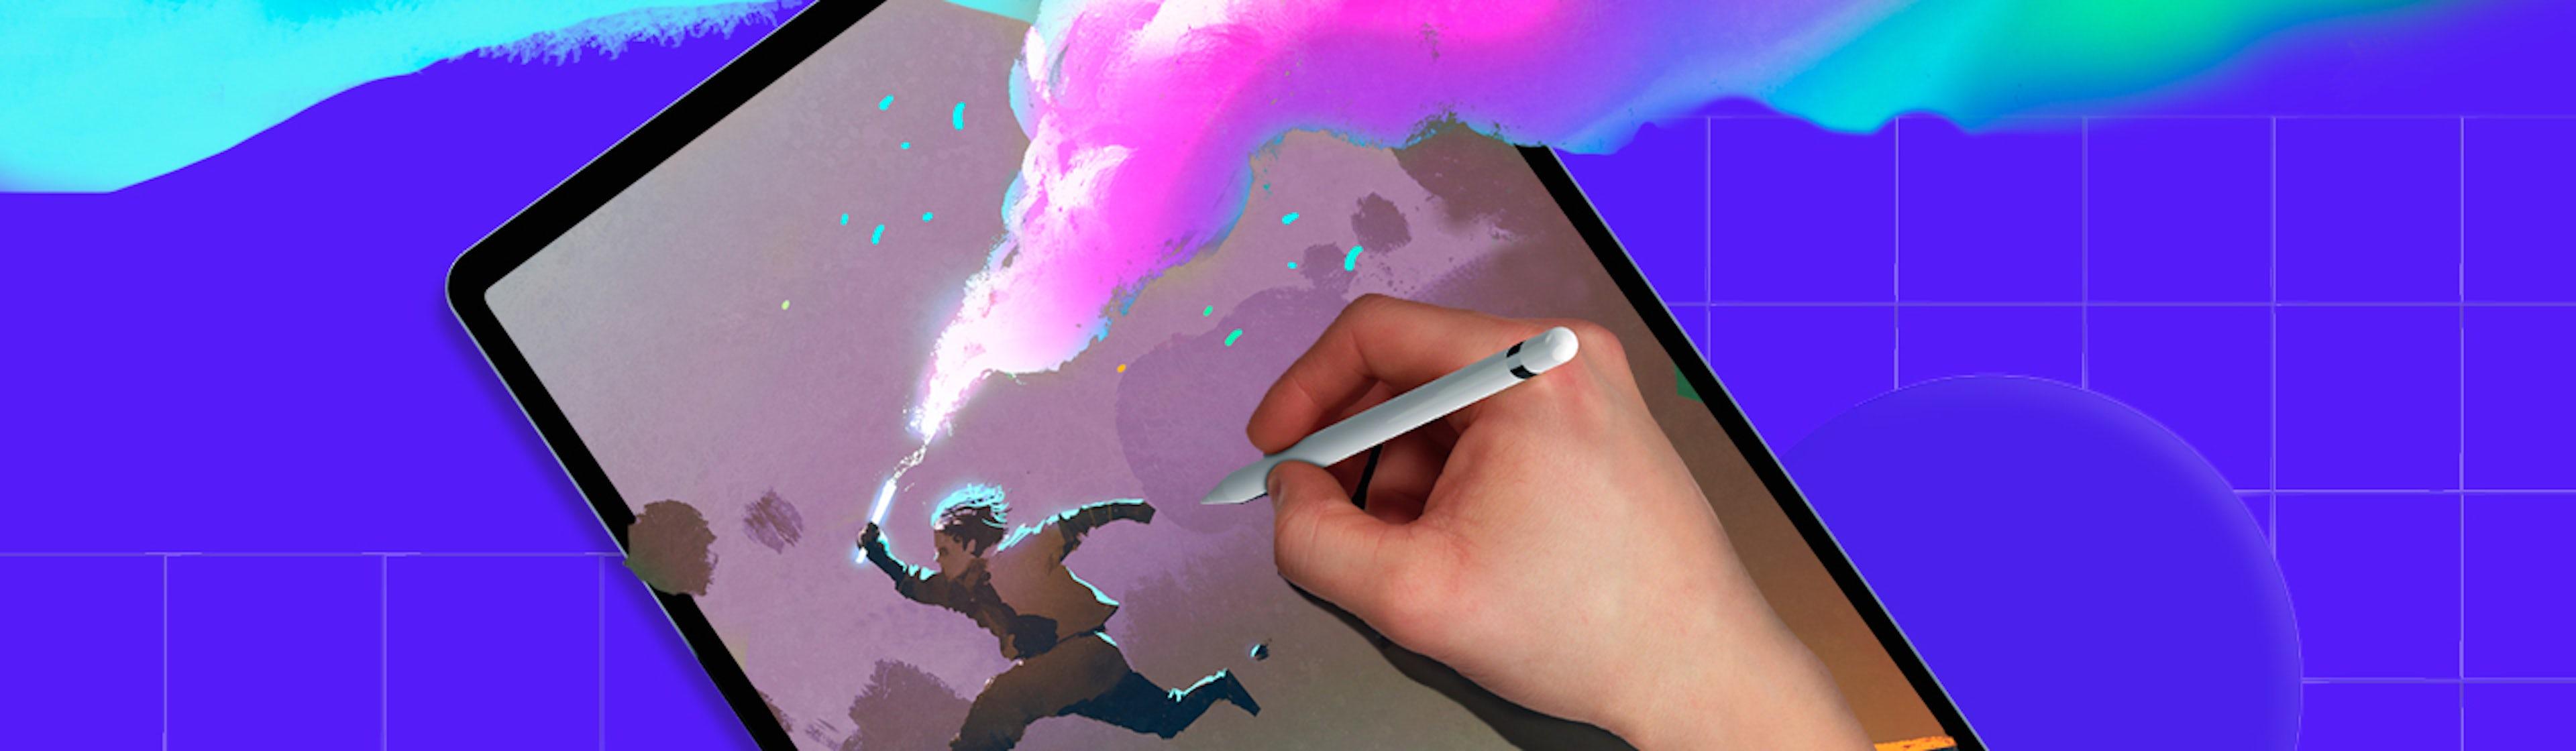 ¿Cómo hacer dibujo digital? 9 claves para empezar